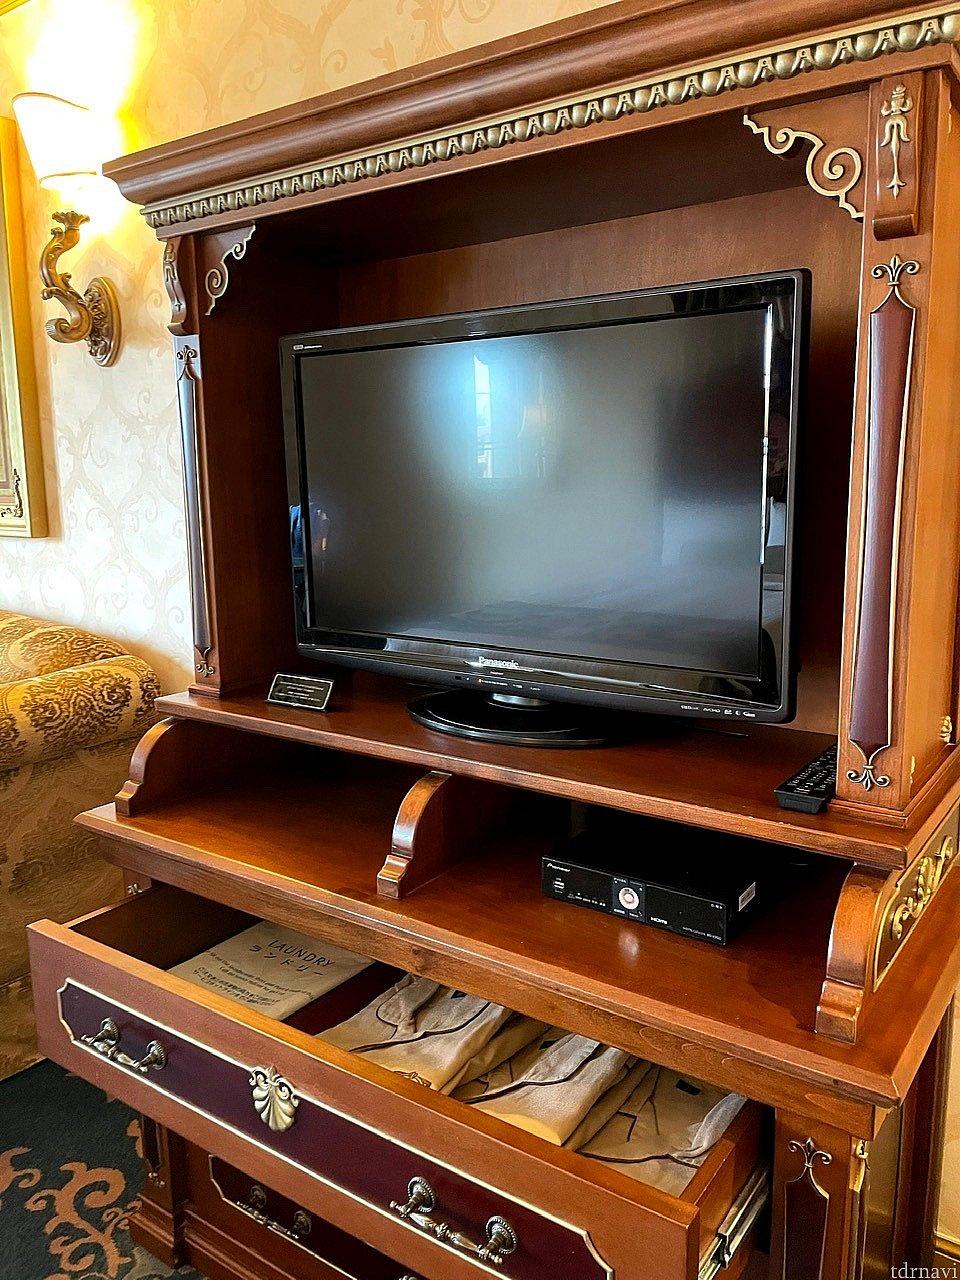 2009年製のテレビ。早く新調したほうがいいと思います。。。